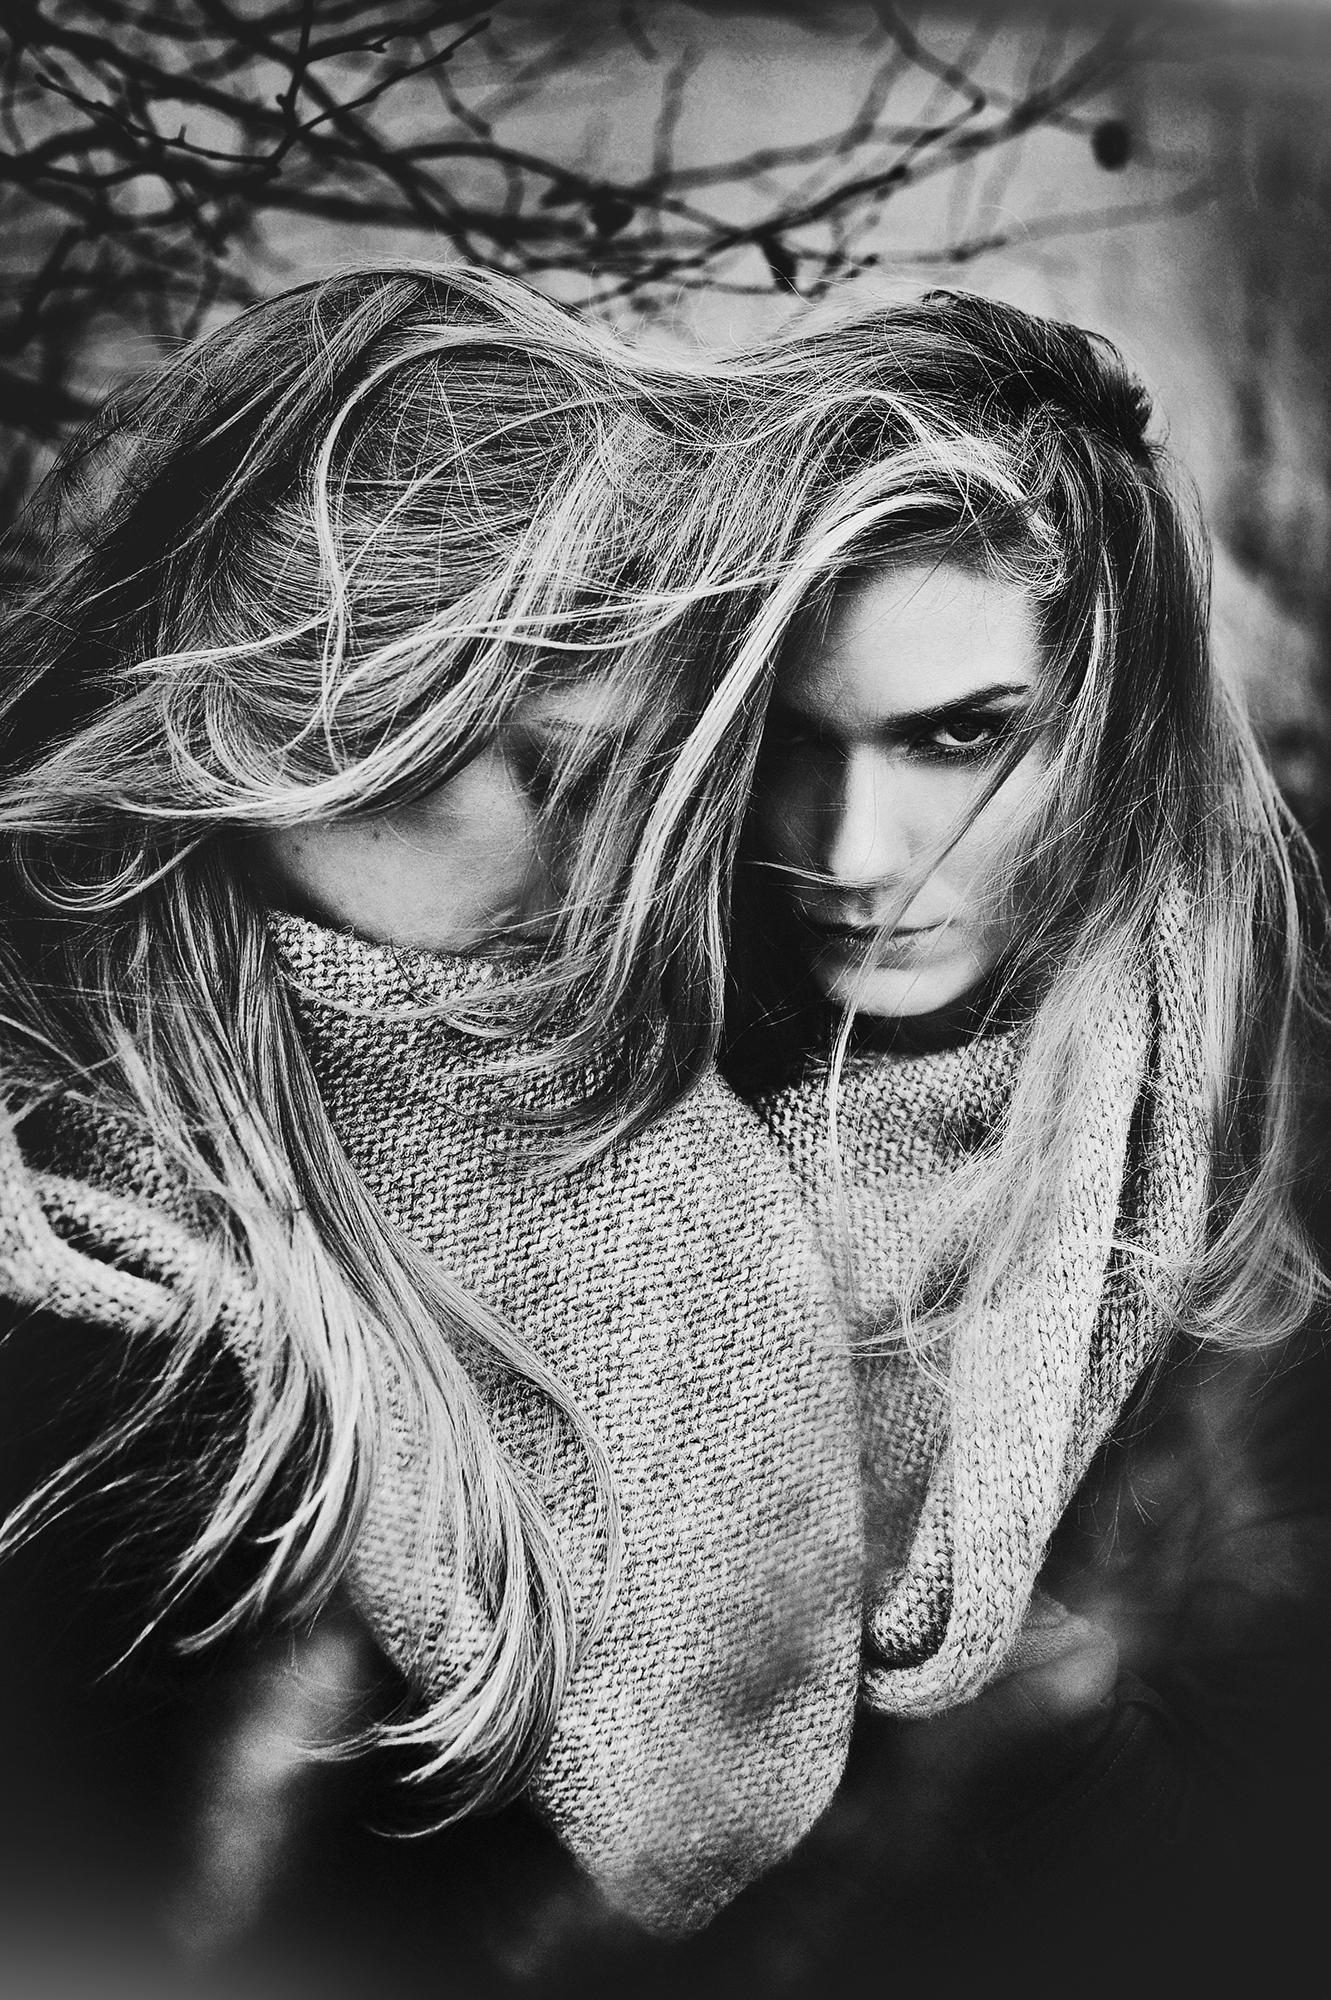 face photography dark fashion